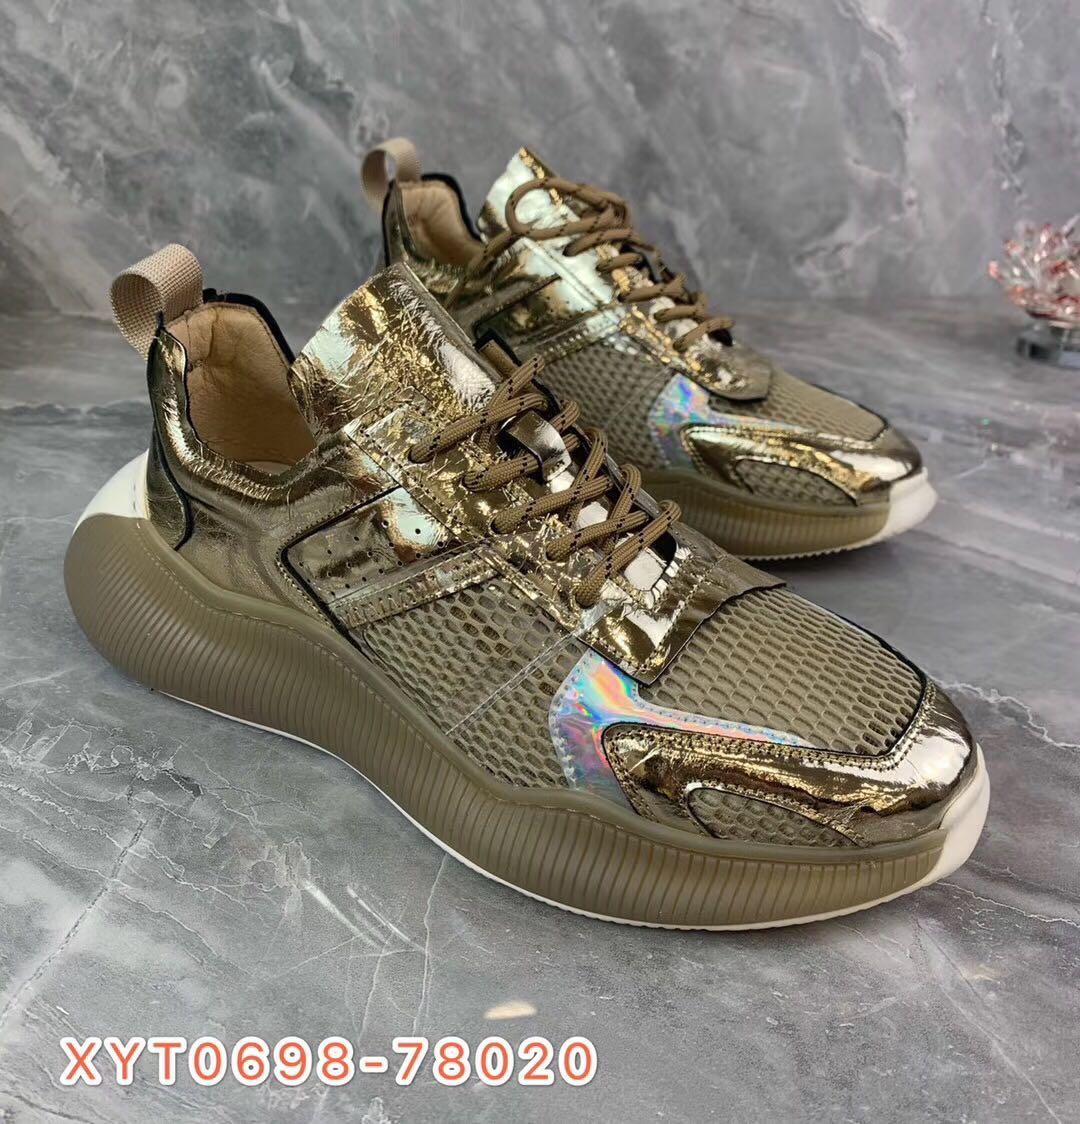 【西亚图】20年新款真皮鞋休闲鞋老爹鞋网鞋吸膜底运动鞋